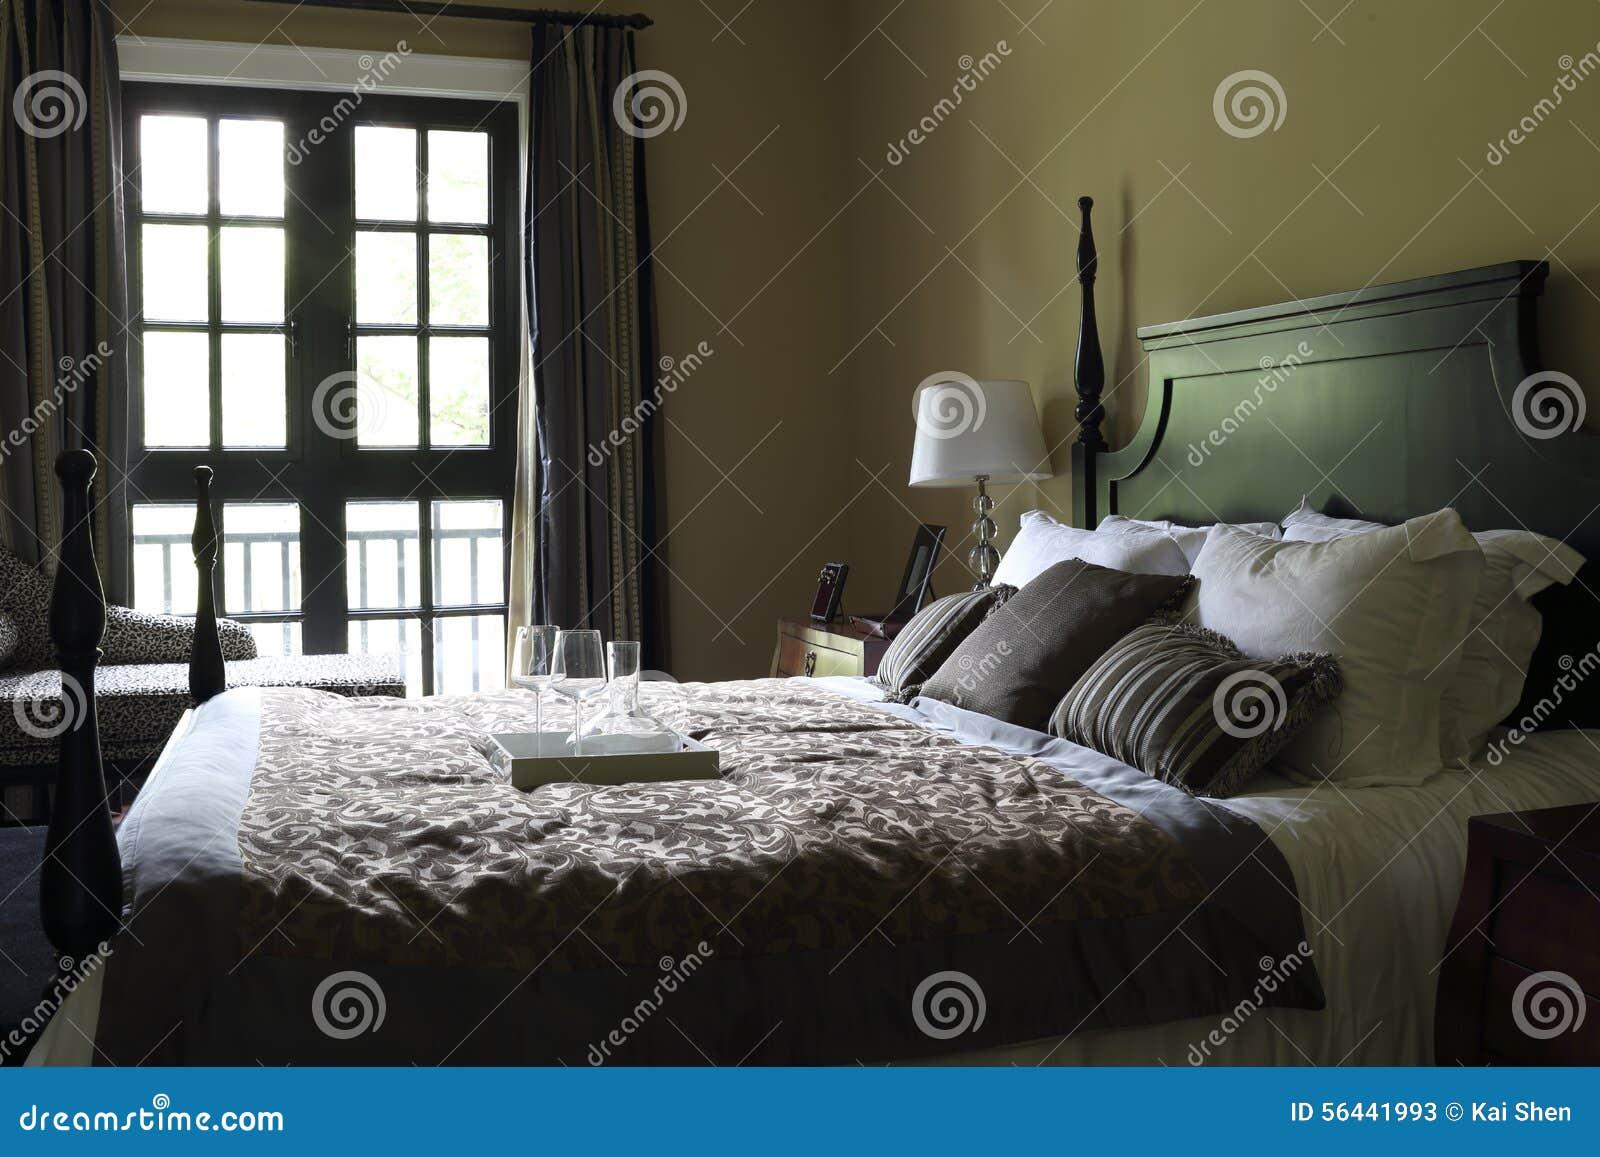 Das Typische Amerikanische Schlafzimmer Stockbild Bild Von Schrank